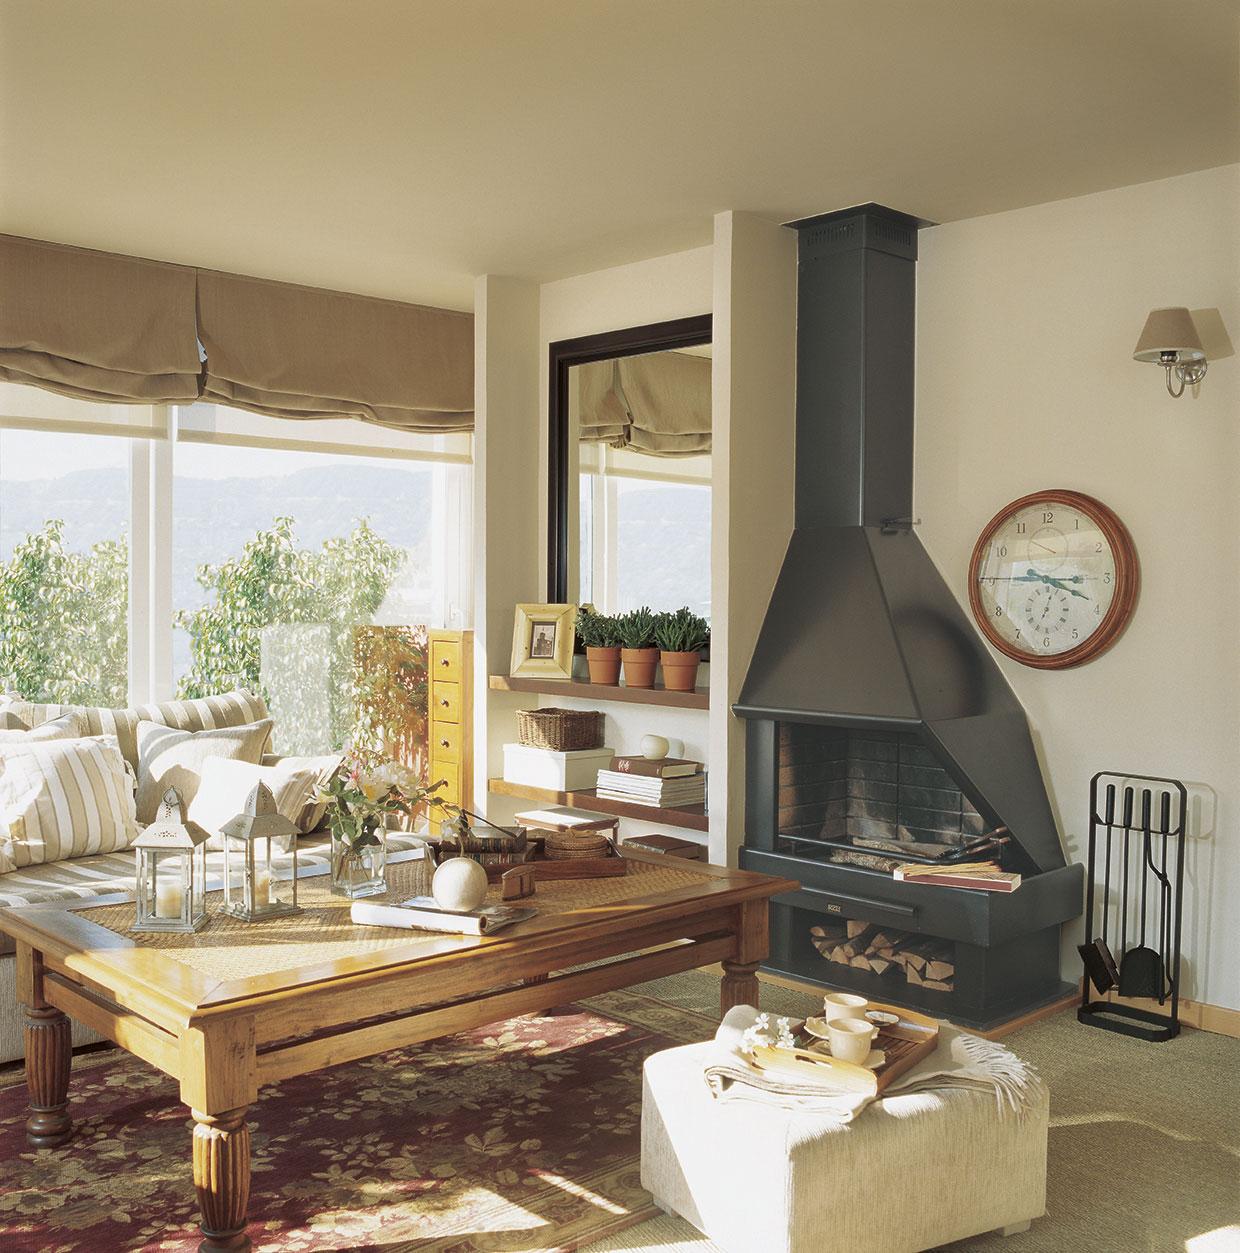 Poner chimenea en un piso awesome simple se puede instalar una estufa de pellet en un piso with - Se puede poner una chimenea de pellets en un piso ...